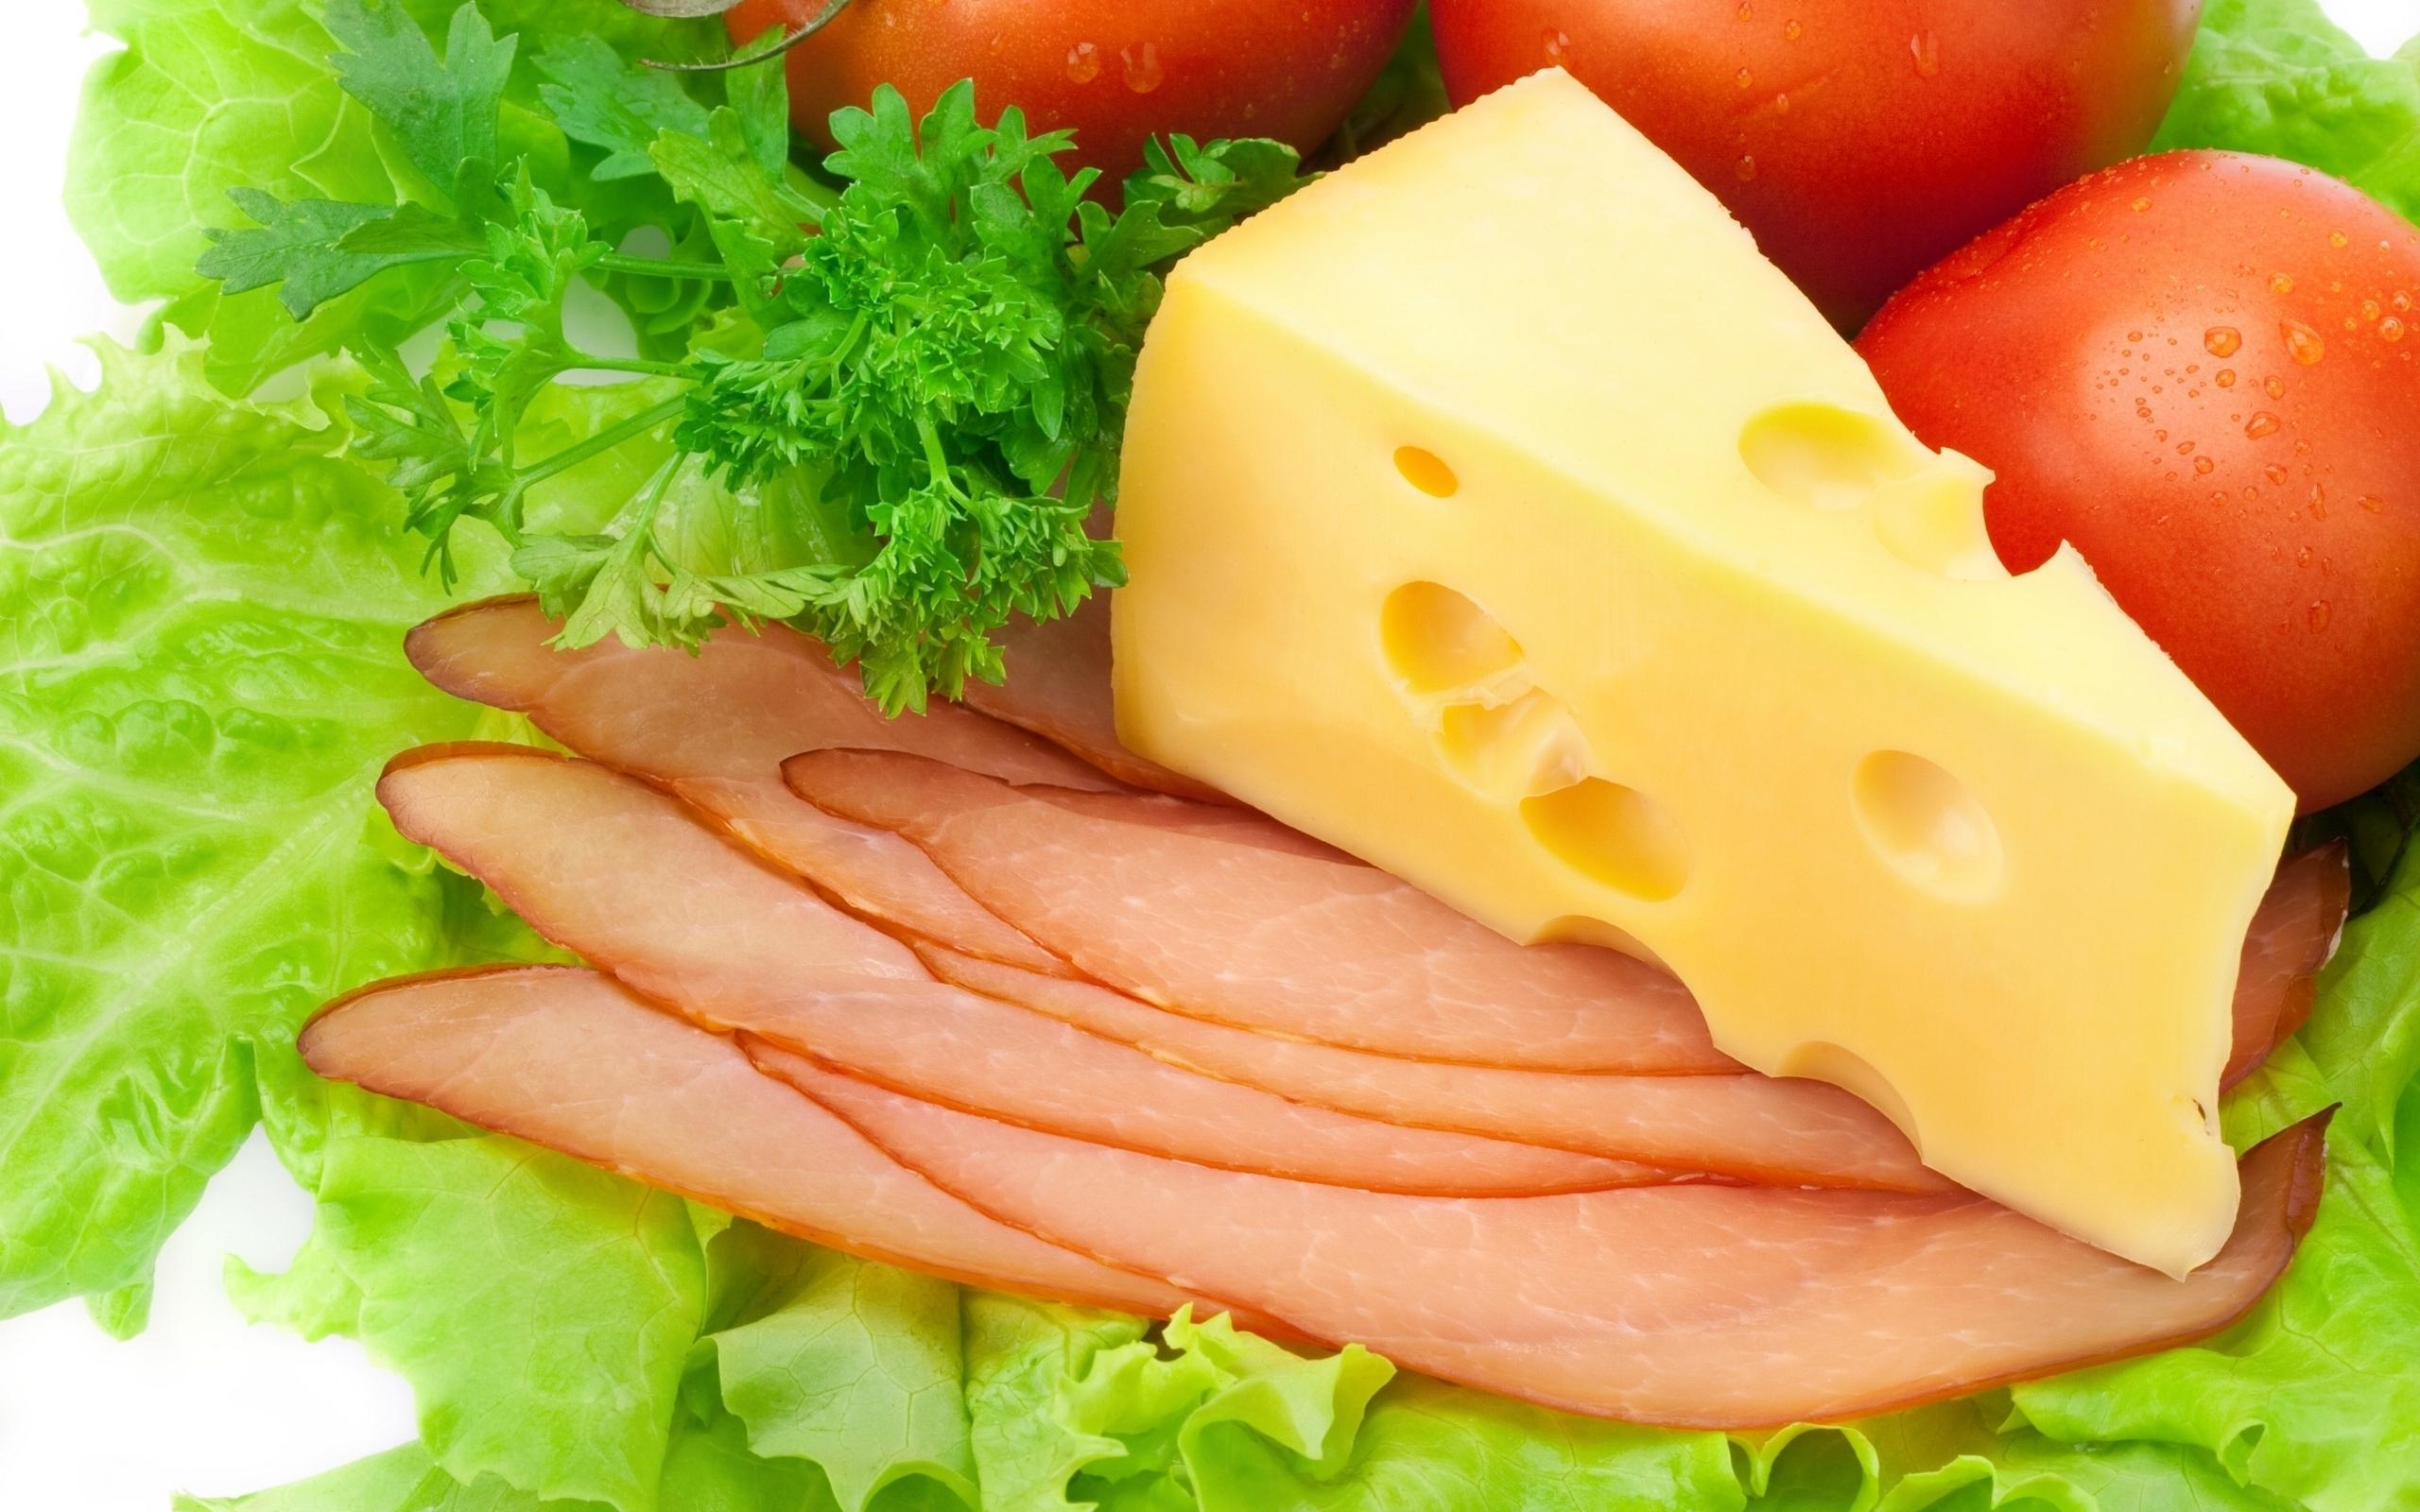 Healthy Food Desktop 7355 Wallpaper WallpapersTubecom 2560x1600